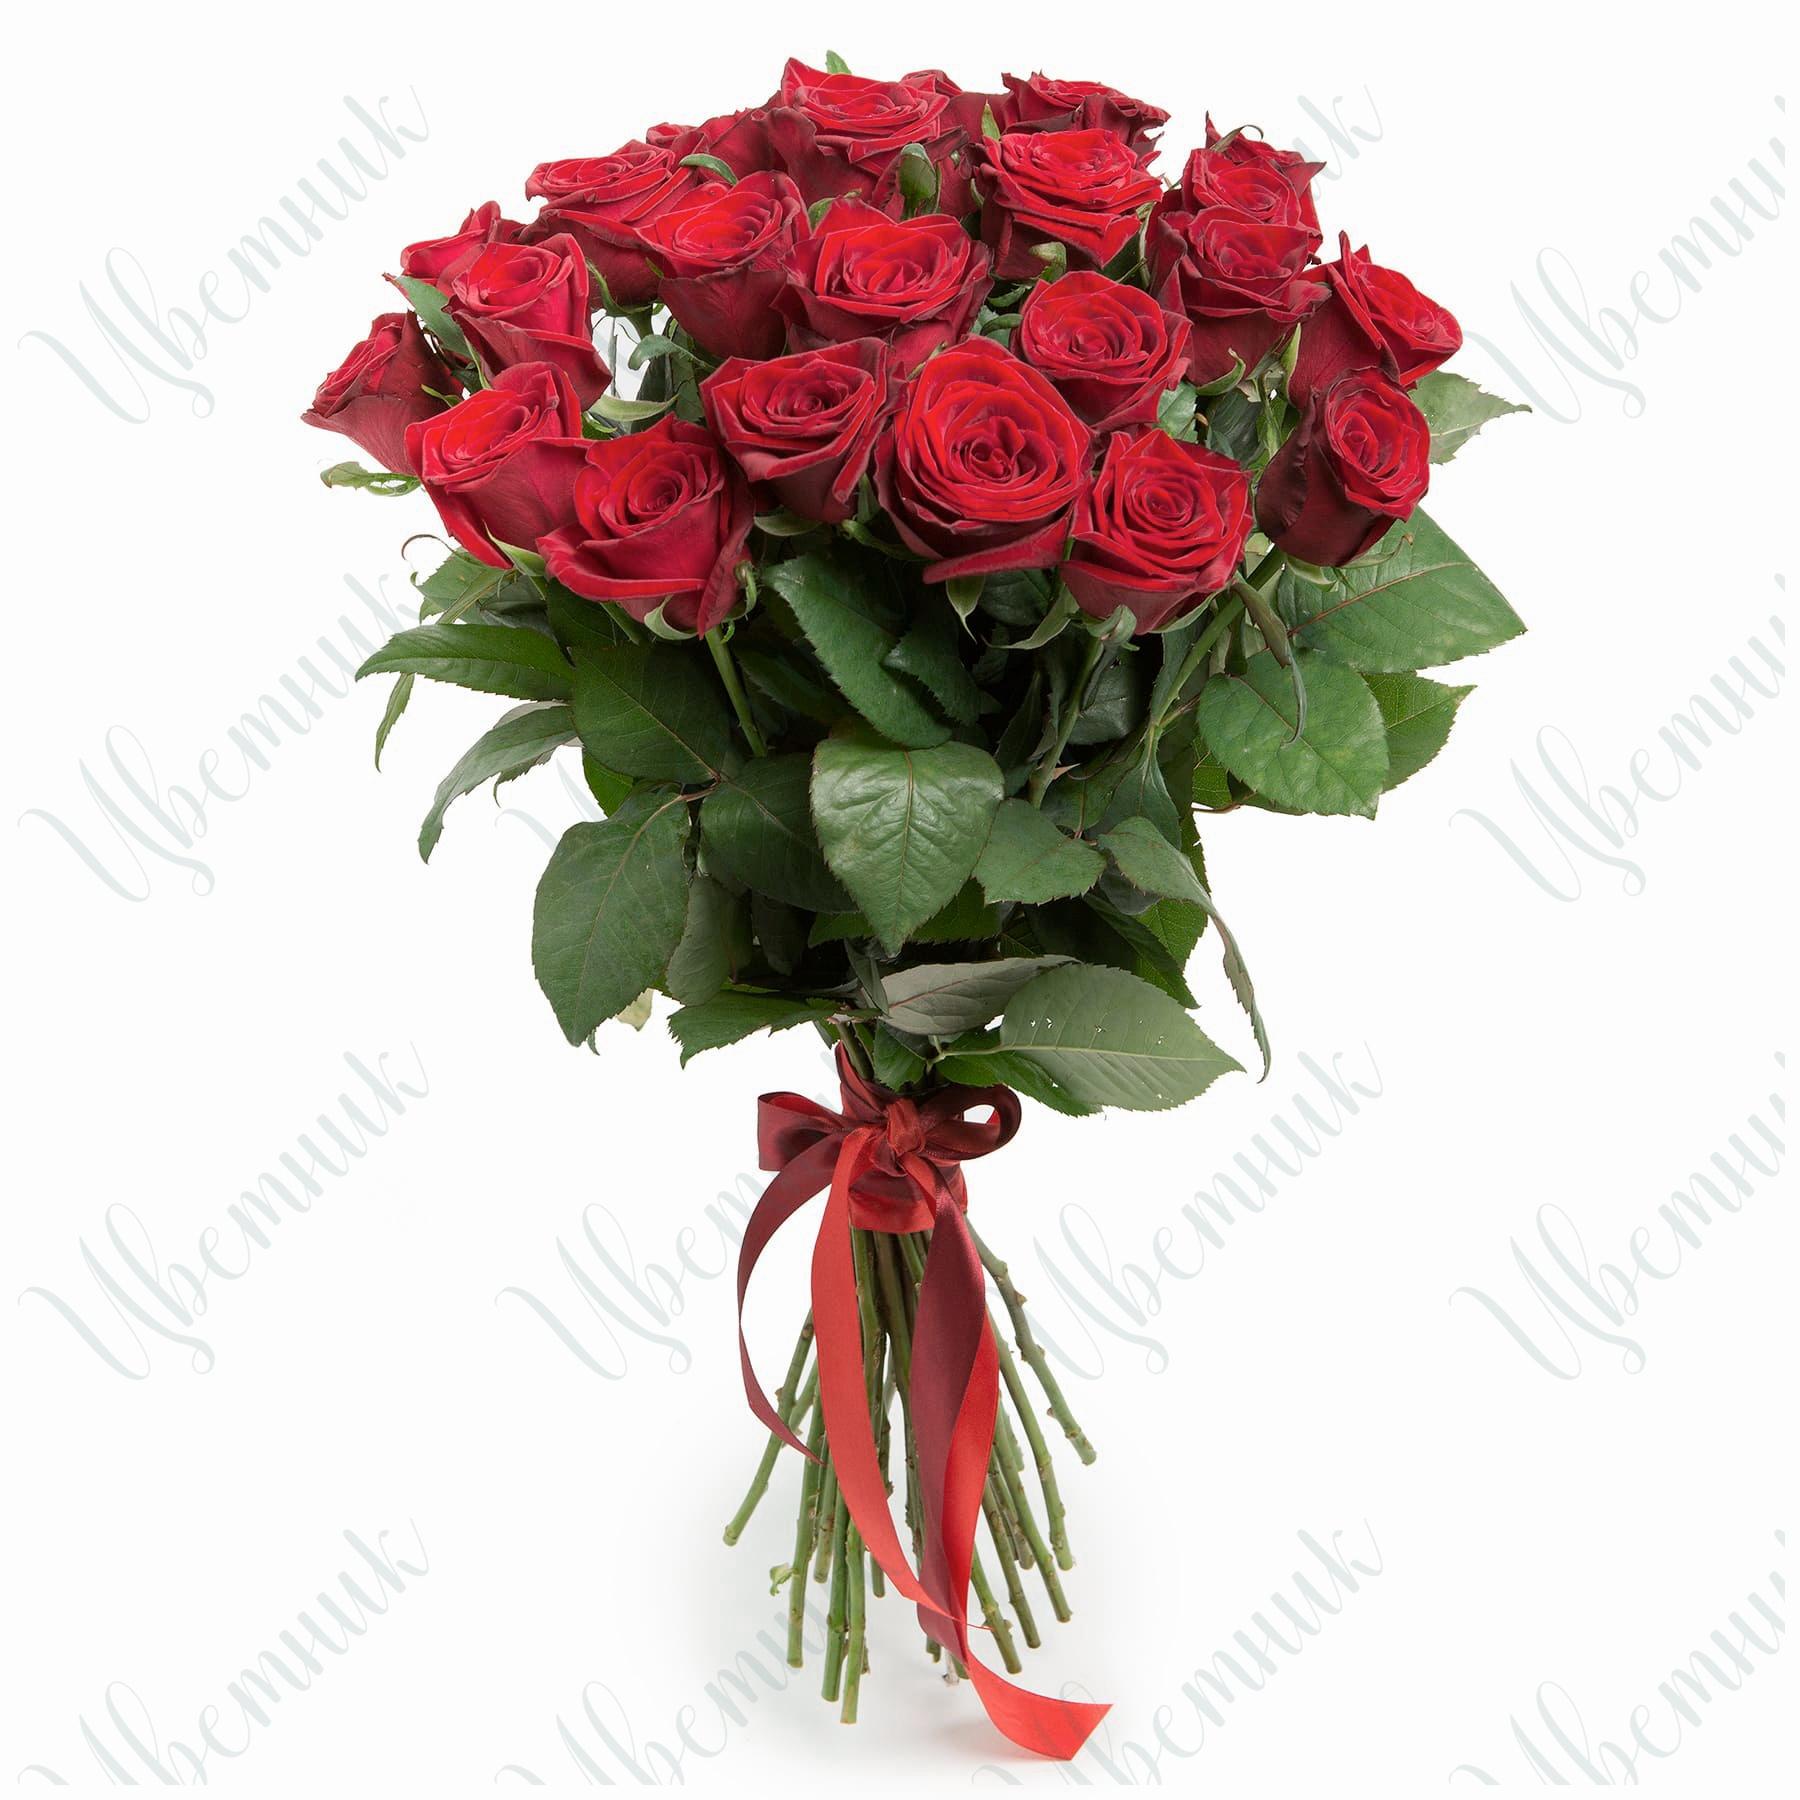 Букет из 35 красных роз, перевязанный лентой